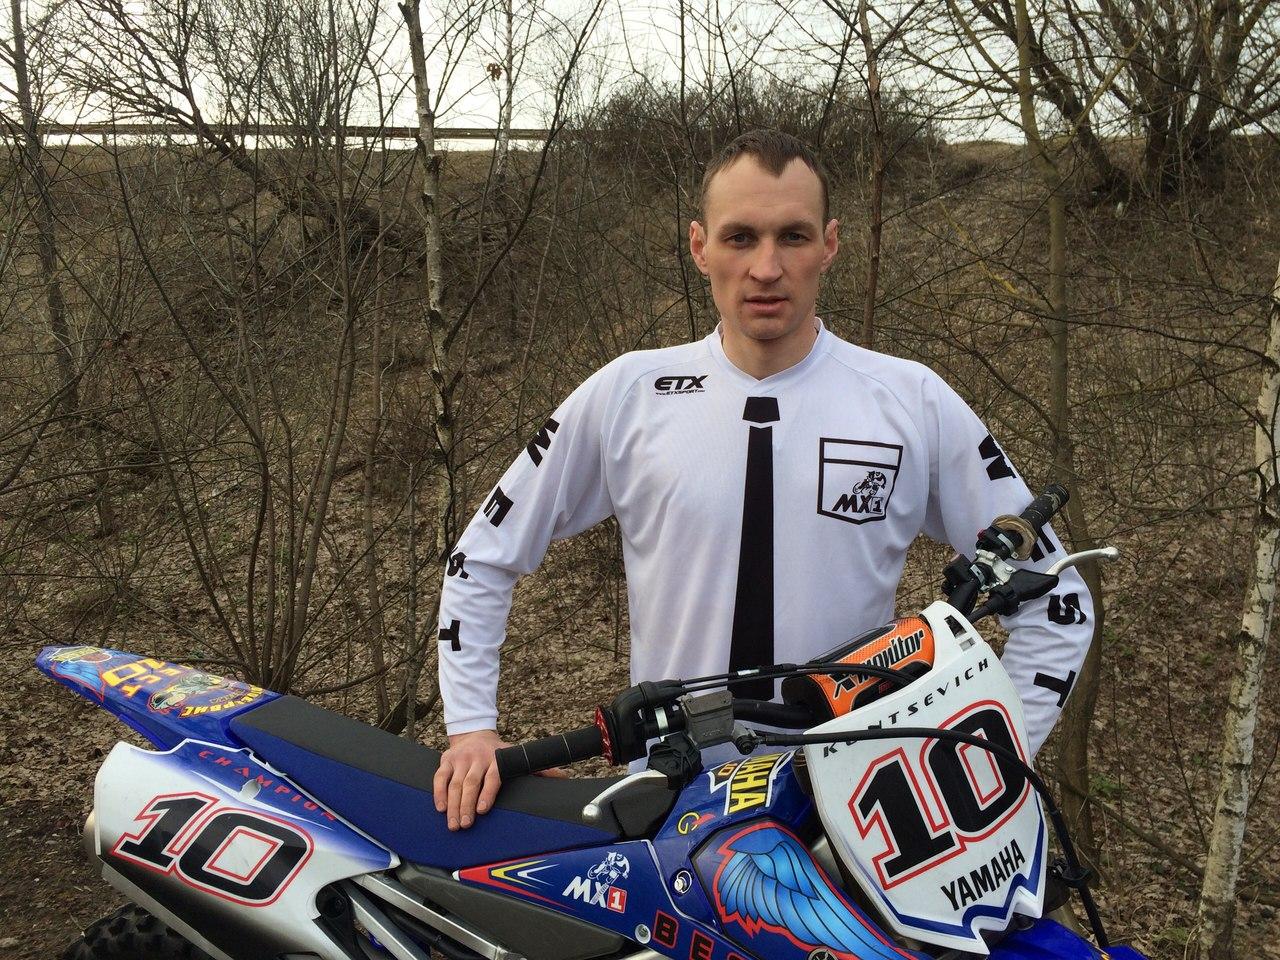 Артем Кунцевич. Фото со страницы спортсмена ВКонтакте.